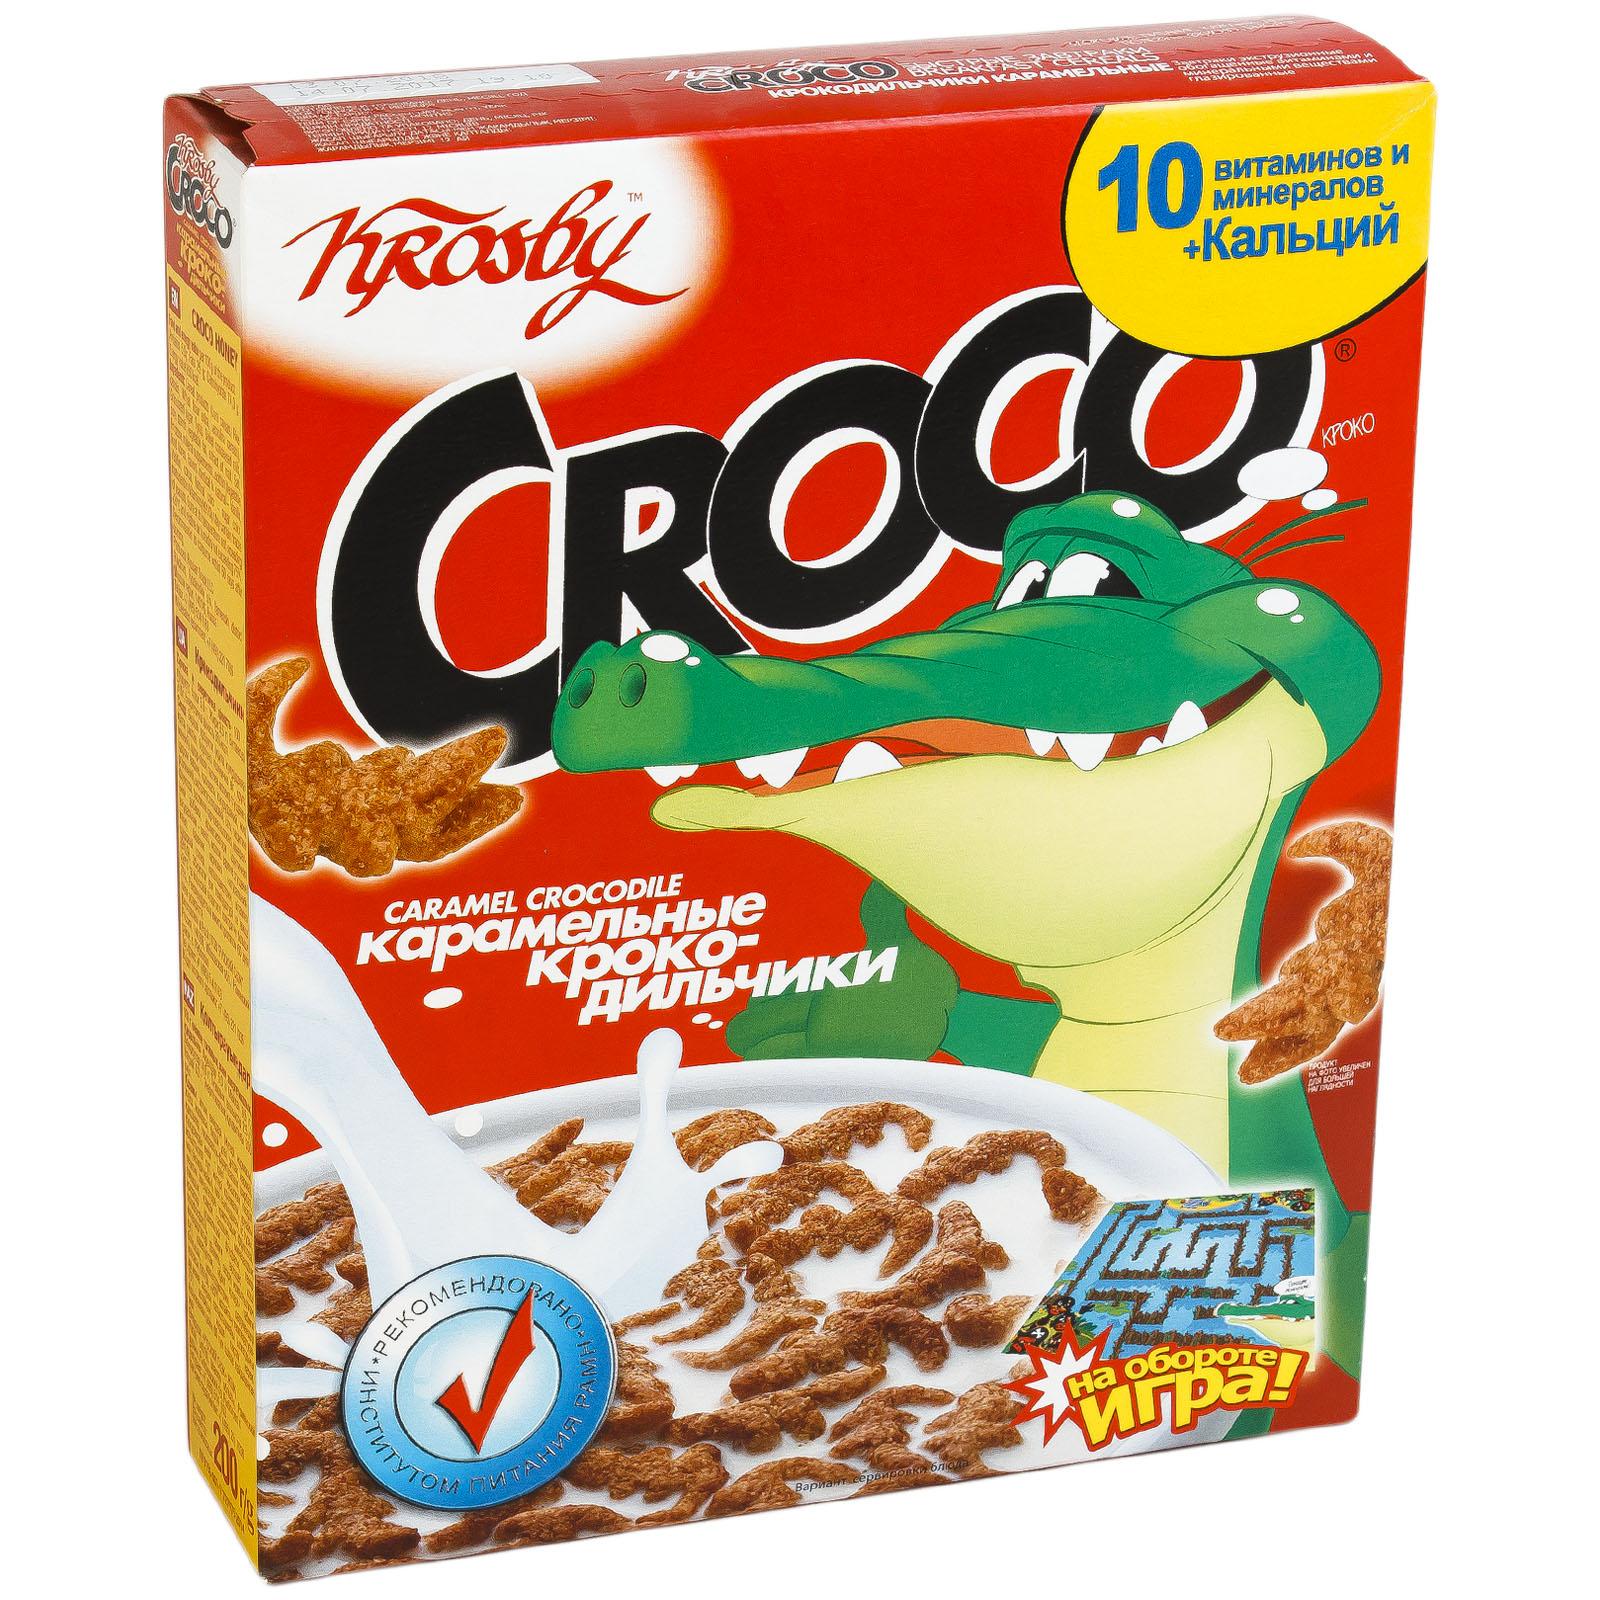 Завтраки сухие Krosby крокодильчики карамельные из зернового сырья 500 г